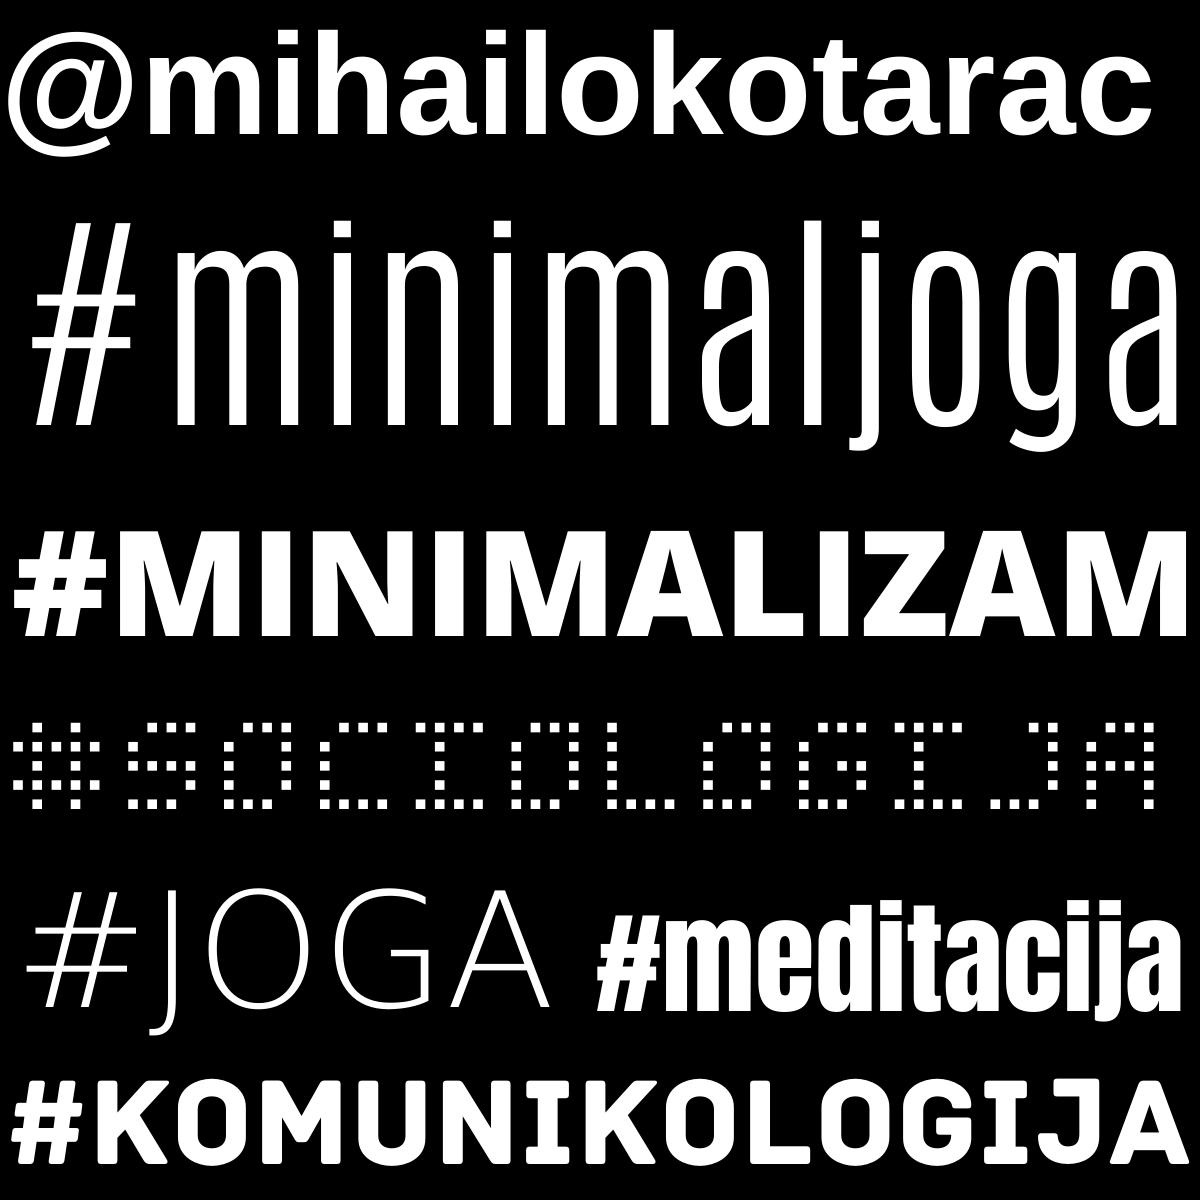 Mihailo Kotarac - Minimal joga - Srpski